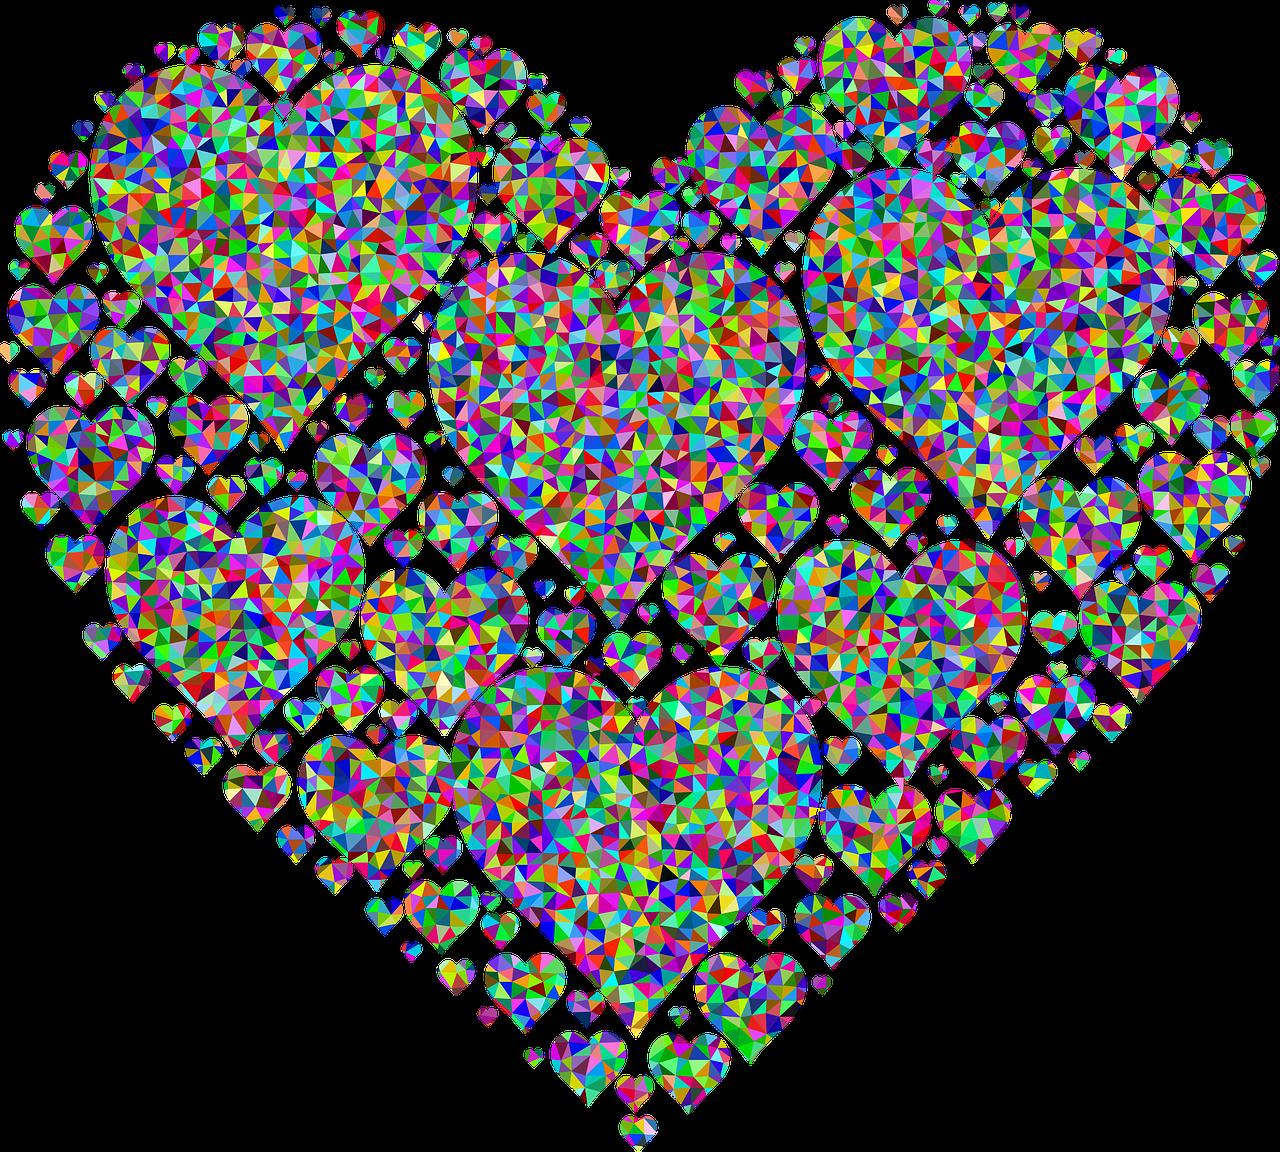 Fractal Colorful Prismatic Png Image - Love Black Heart Emoji Clipart (1280x1152), Png Download